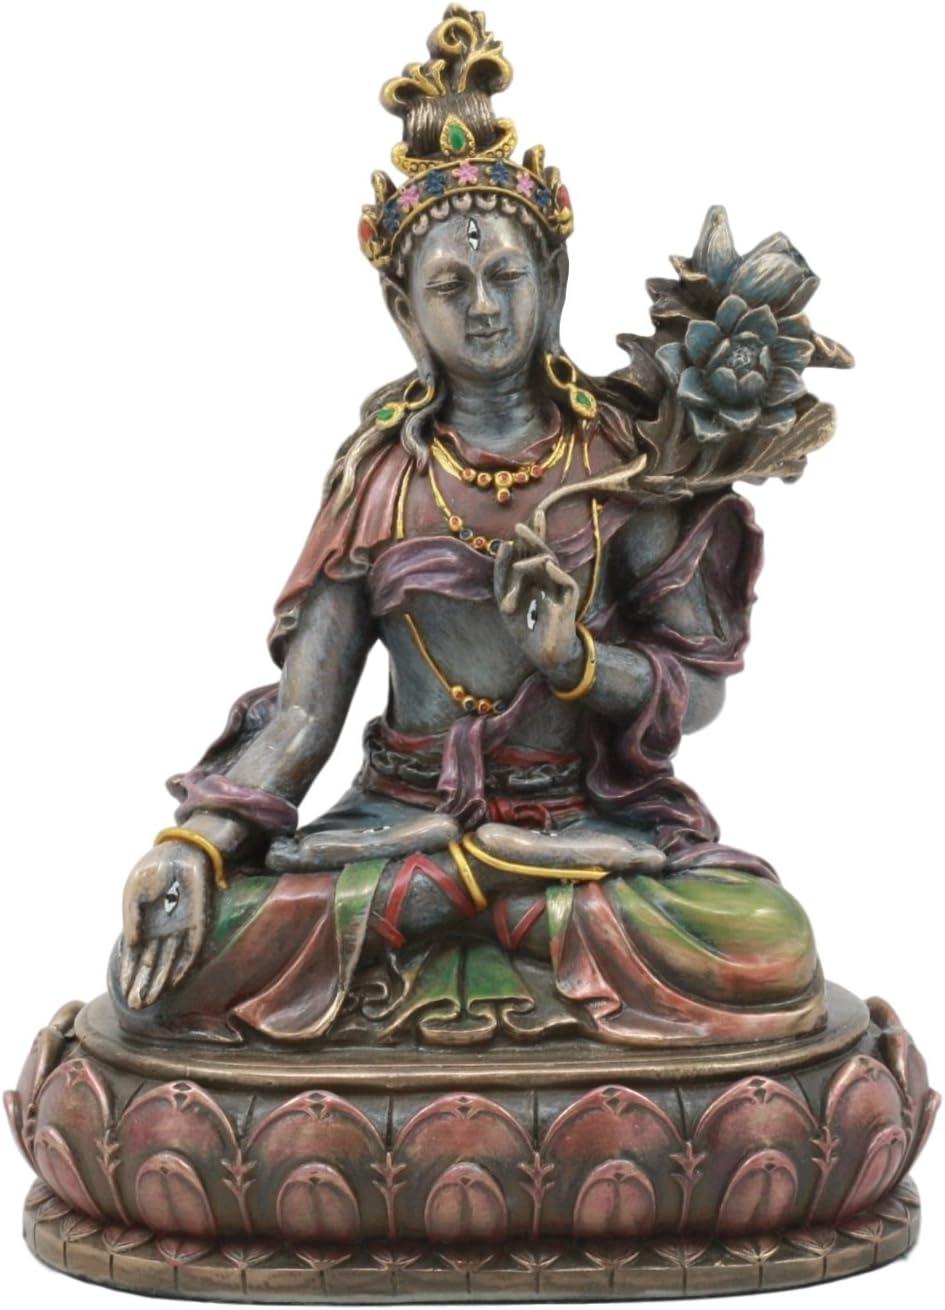 Ebros Bodhisattva White Tara Statue Goddess of Compassion and He